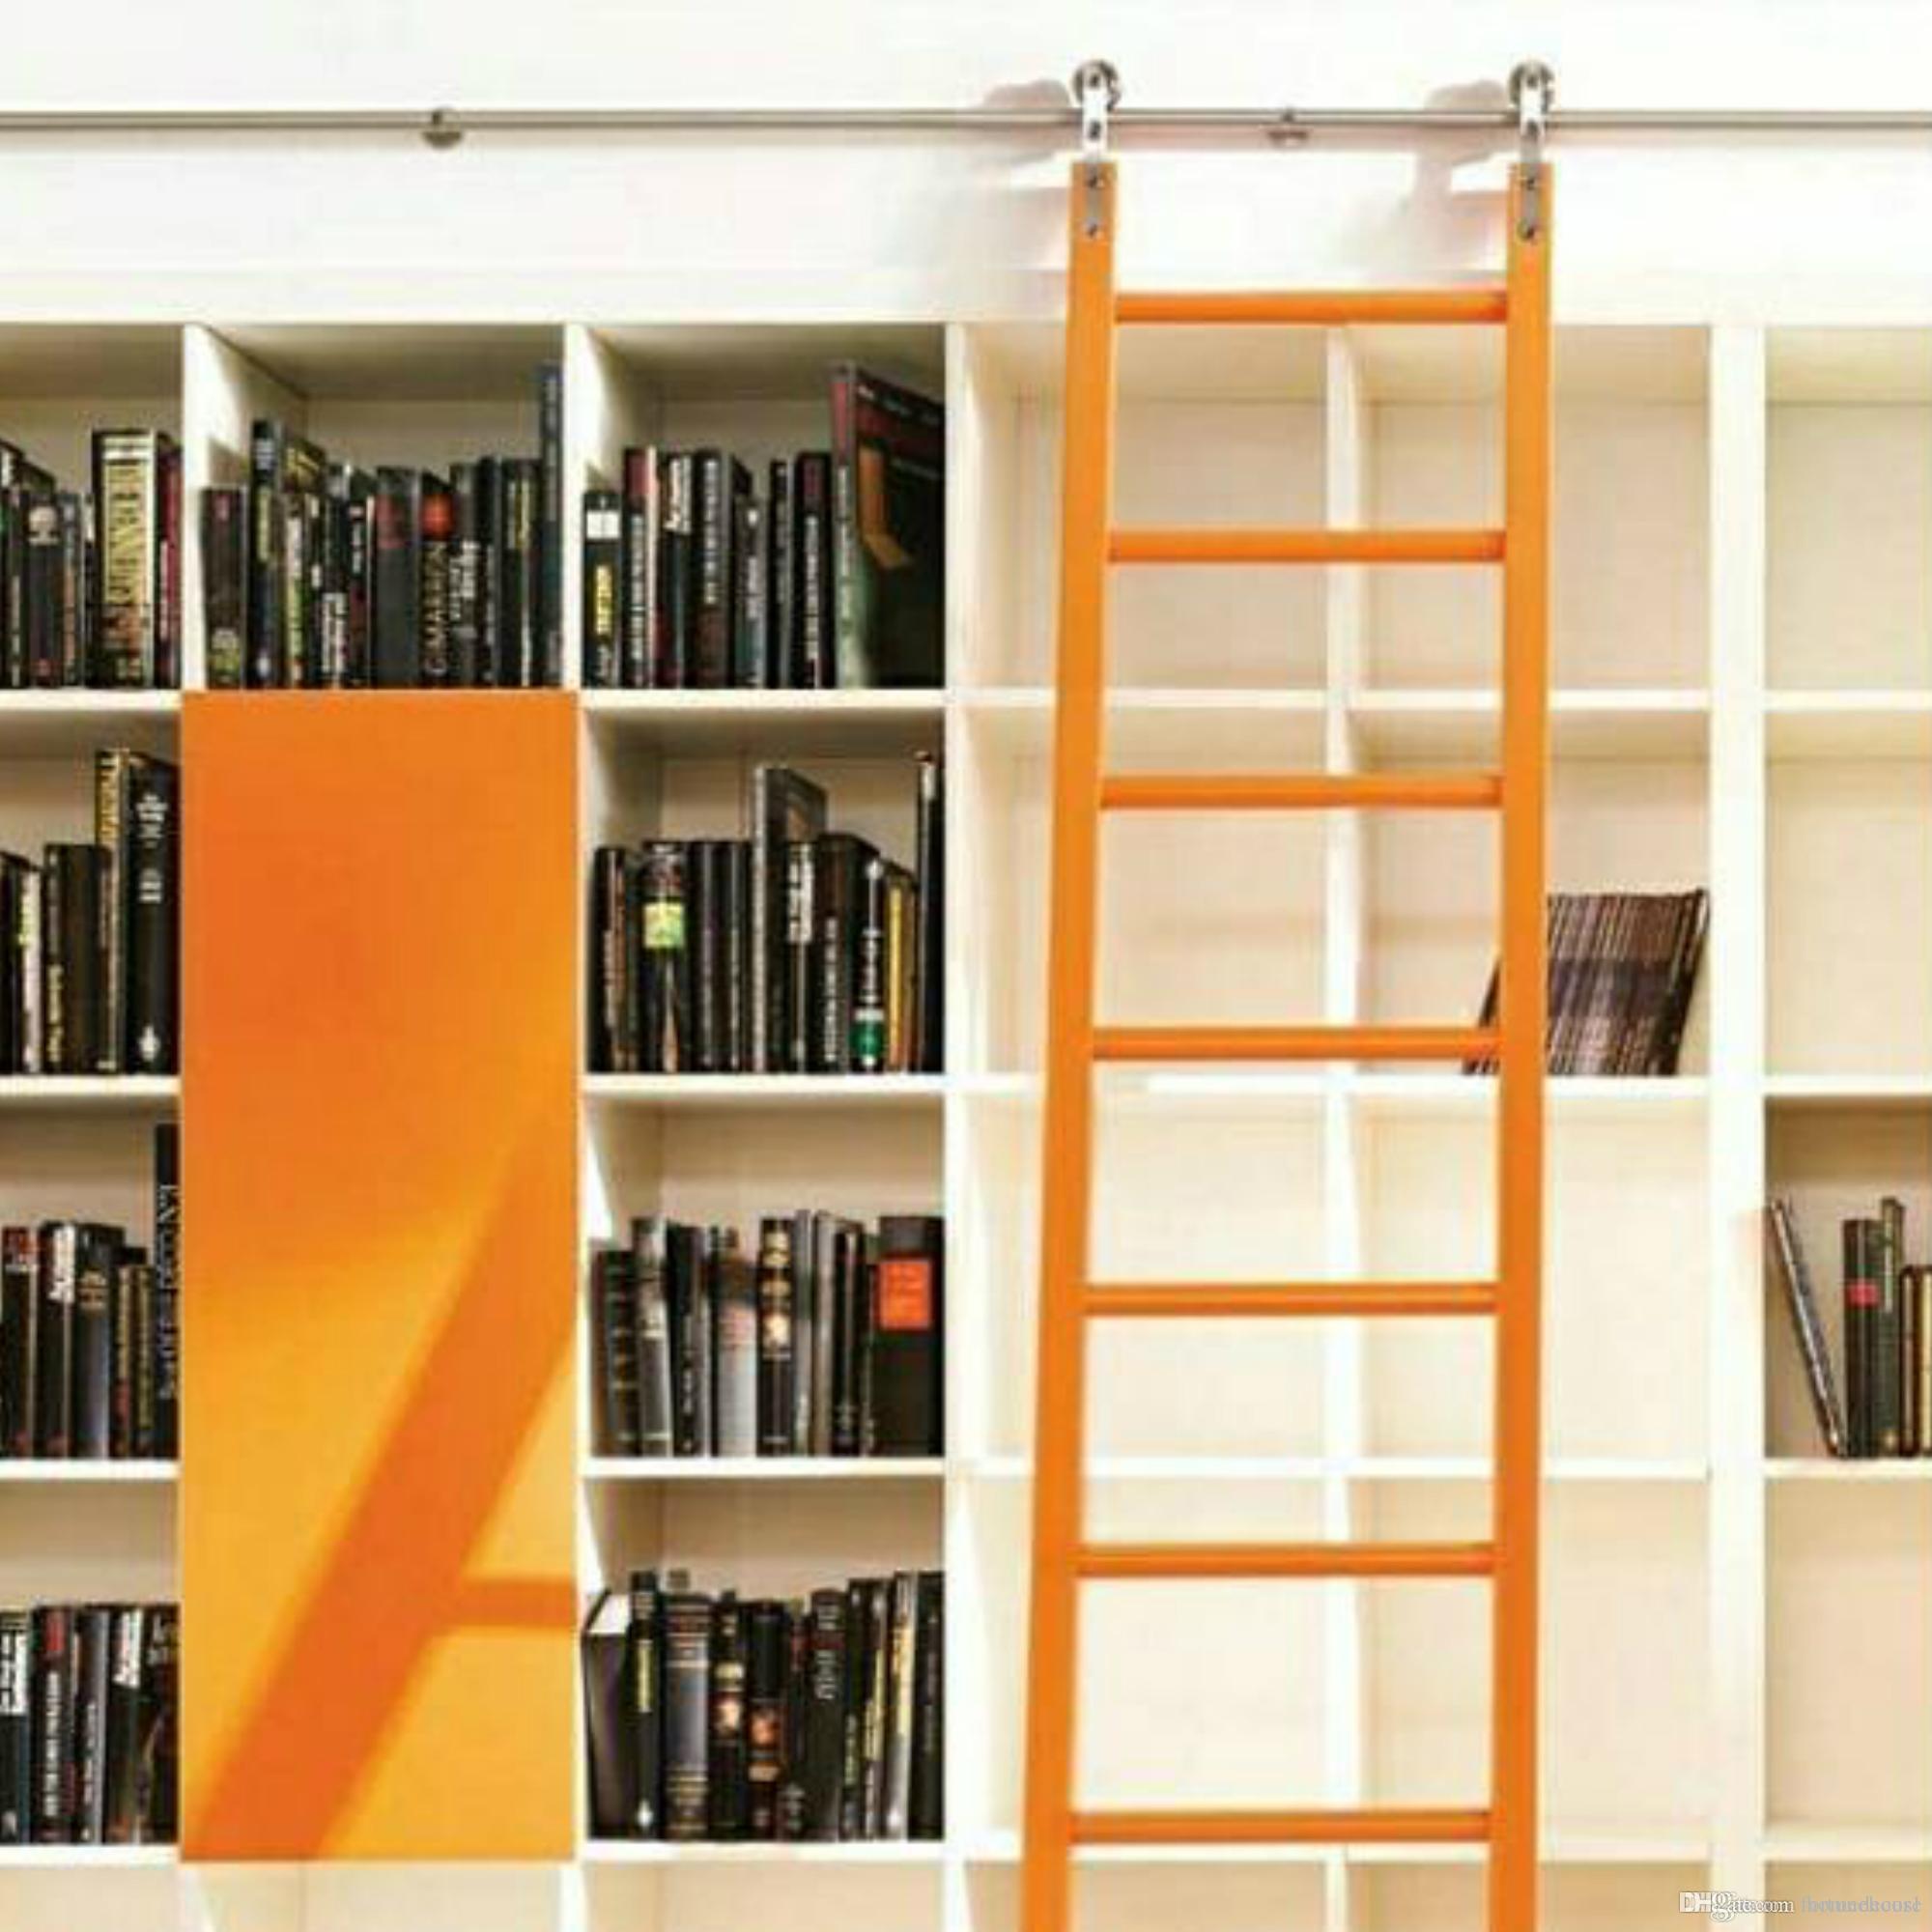 6-16ft الفولاذ المقاوم للصدأ انزلاق الحديثة المعيشة الأجهزة المكاتب مكتب مكتبة المطبخ مكتب المنزل (لا سلم)